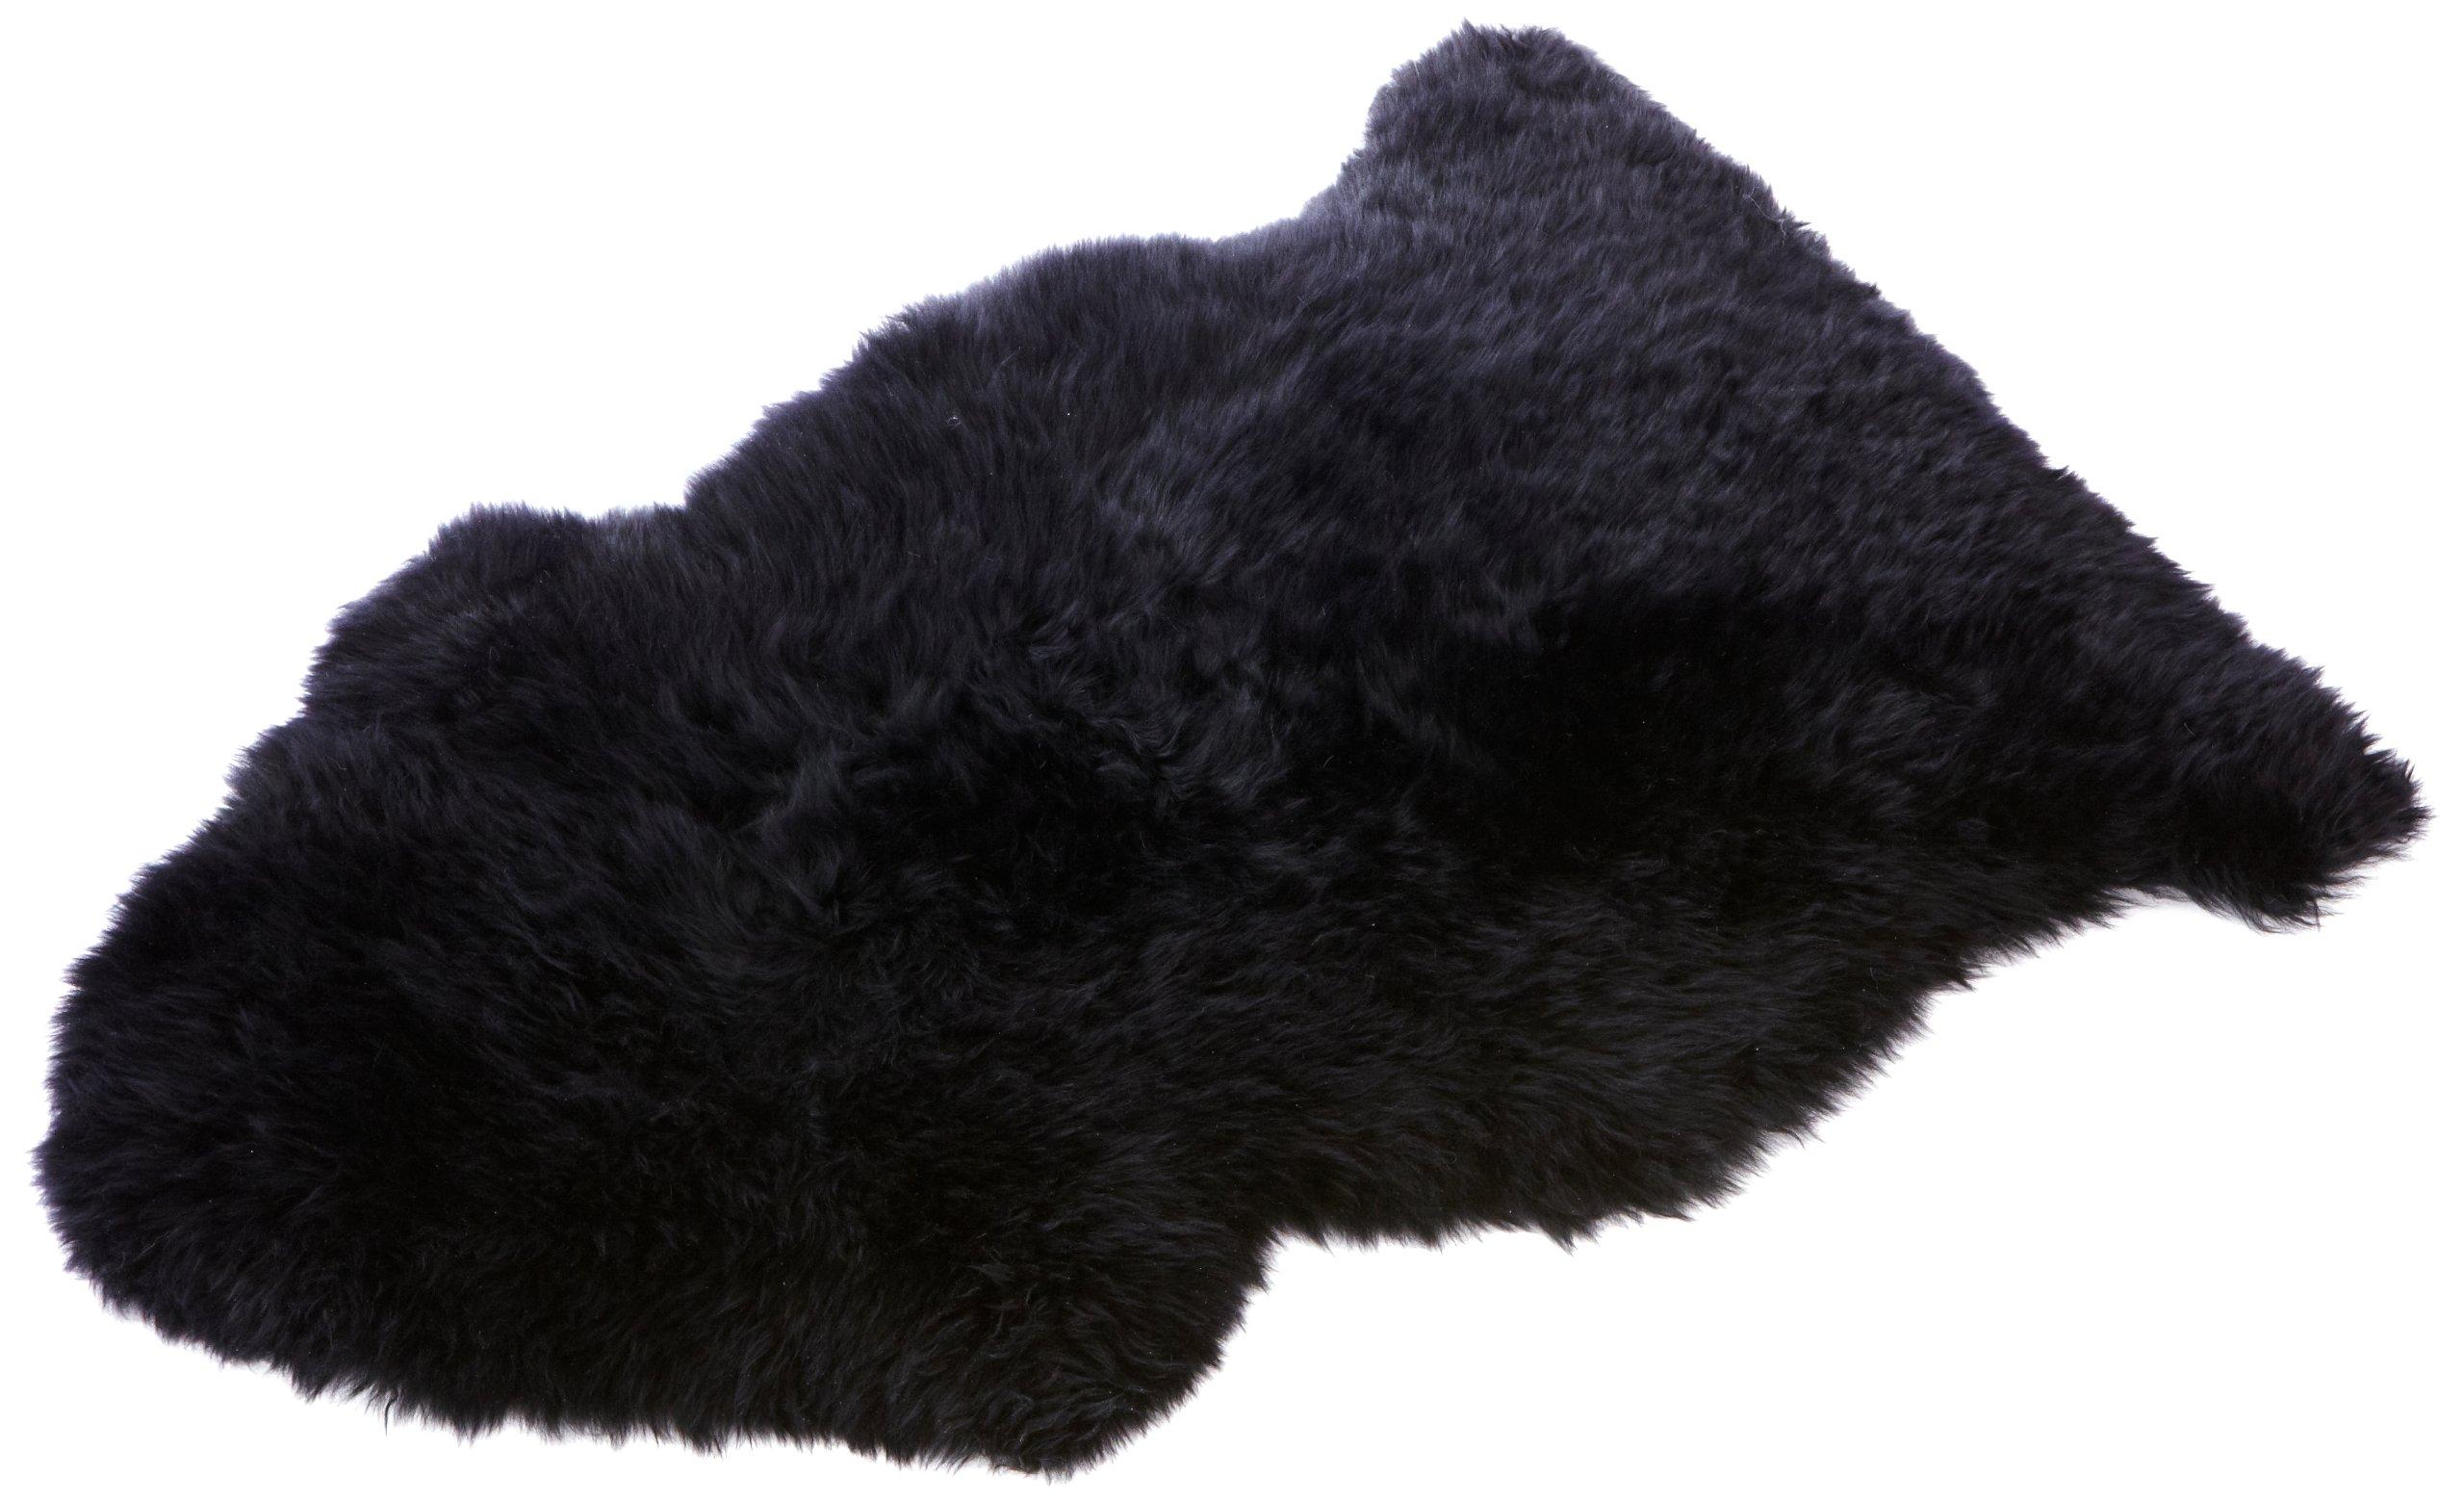 Gasparini, Tappetino in pelliccia di agnello, 90 cm